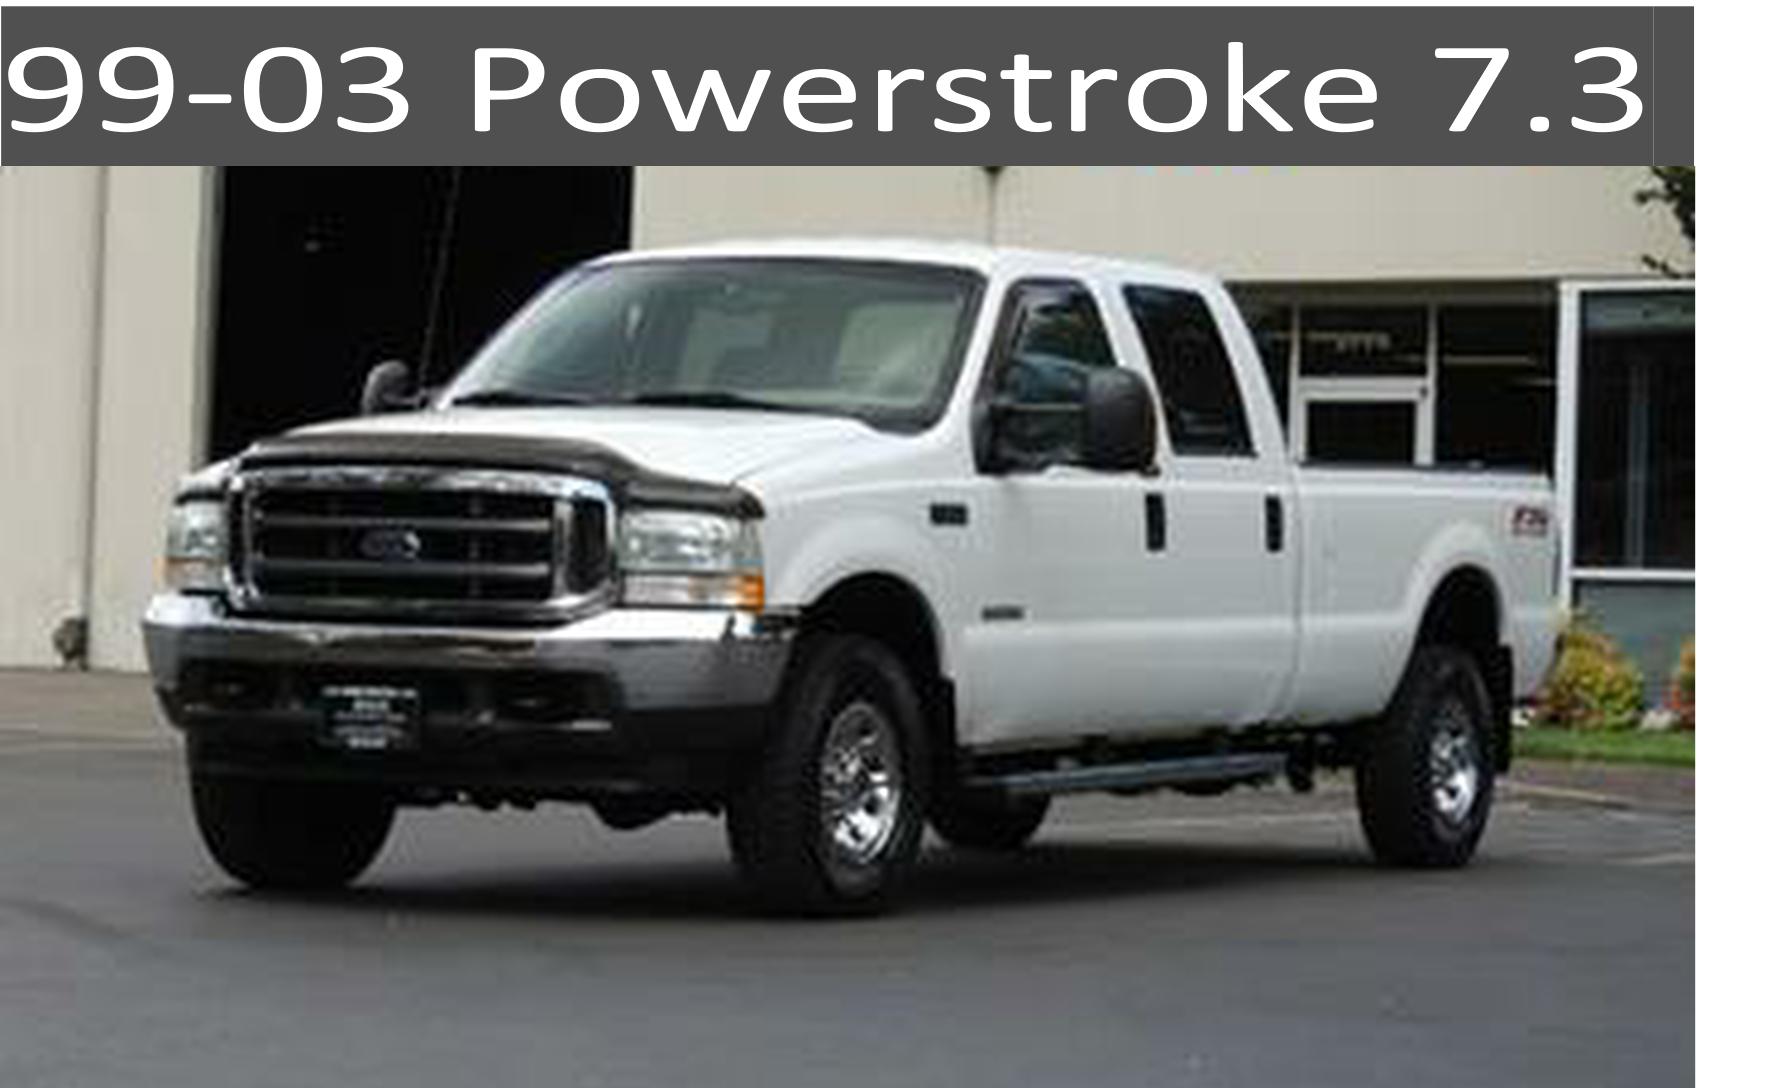 99-03 Ford 7.3 Powerstroke Diesel Parts